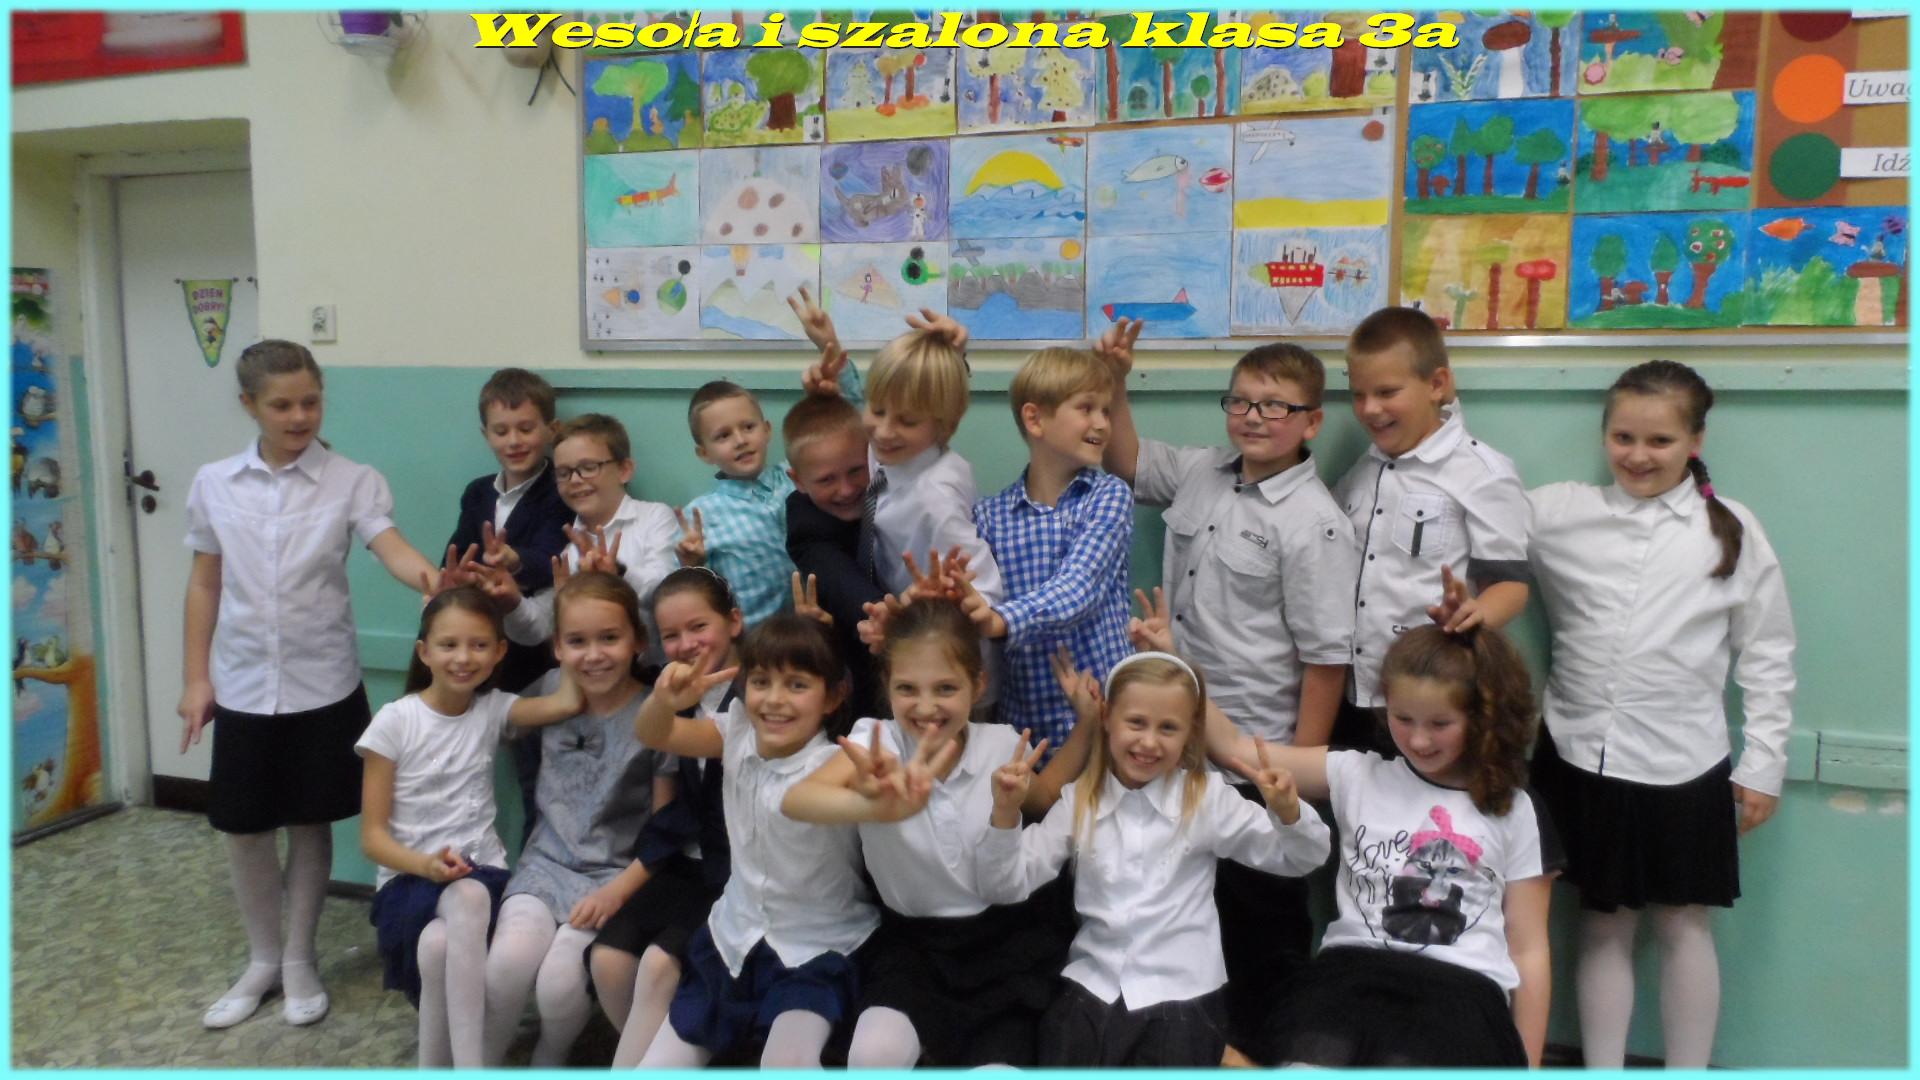 3a wesołe